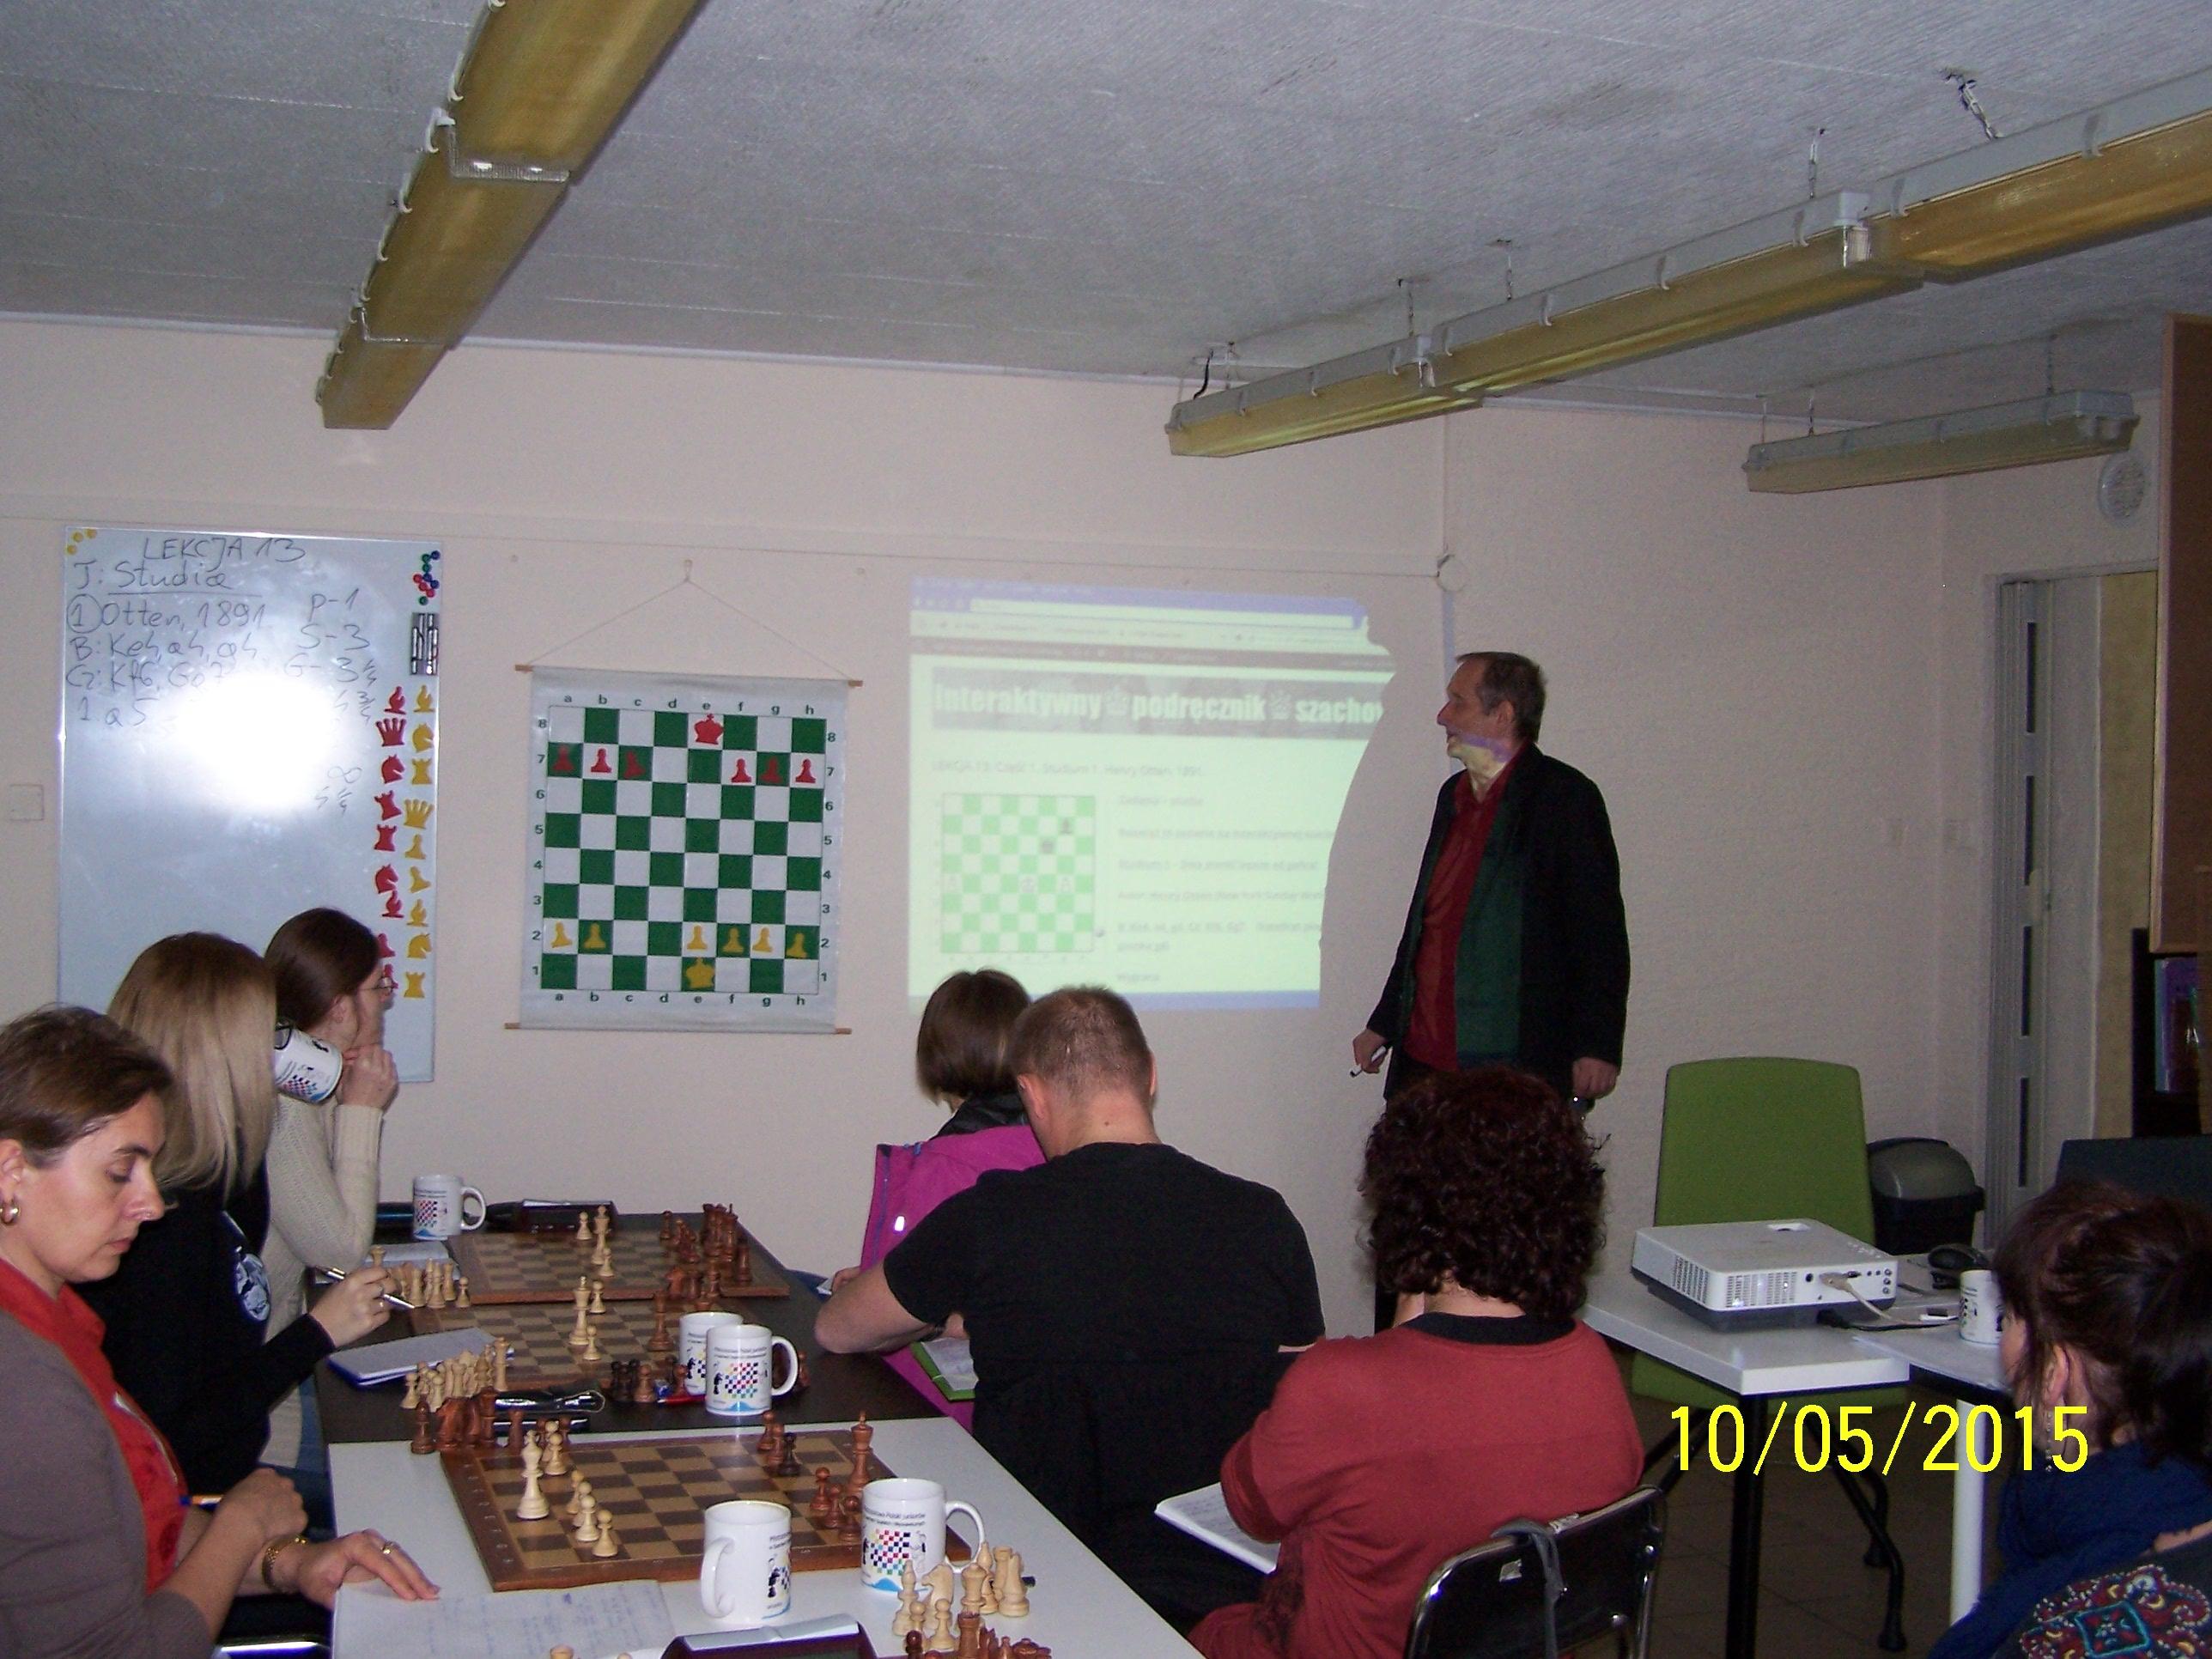 Prowadzę zajęcia w ramach kursu dla nauczycieli - zdjęcie wykonał Dieter Kalla.